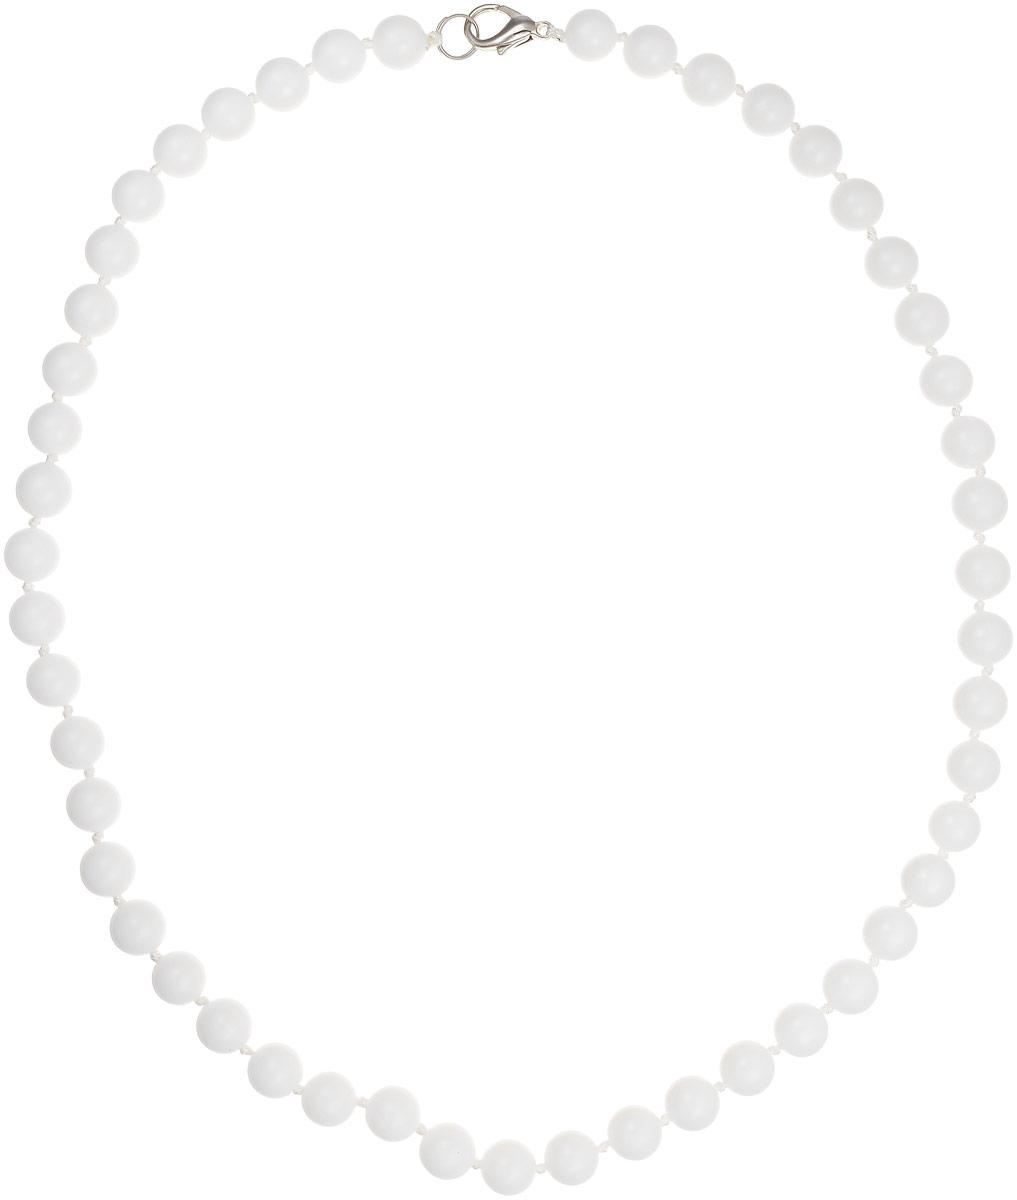 Бусы Art-Silver, цвет: белый, длина 45 см. КХ8-45-216КХ8-45-216Бусы Art-Silver выполнены из бижутерного сплава и кахолонга. Изделие оснащено удобным замком-карабином.